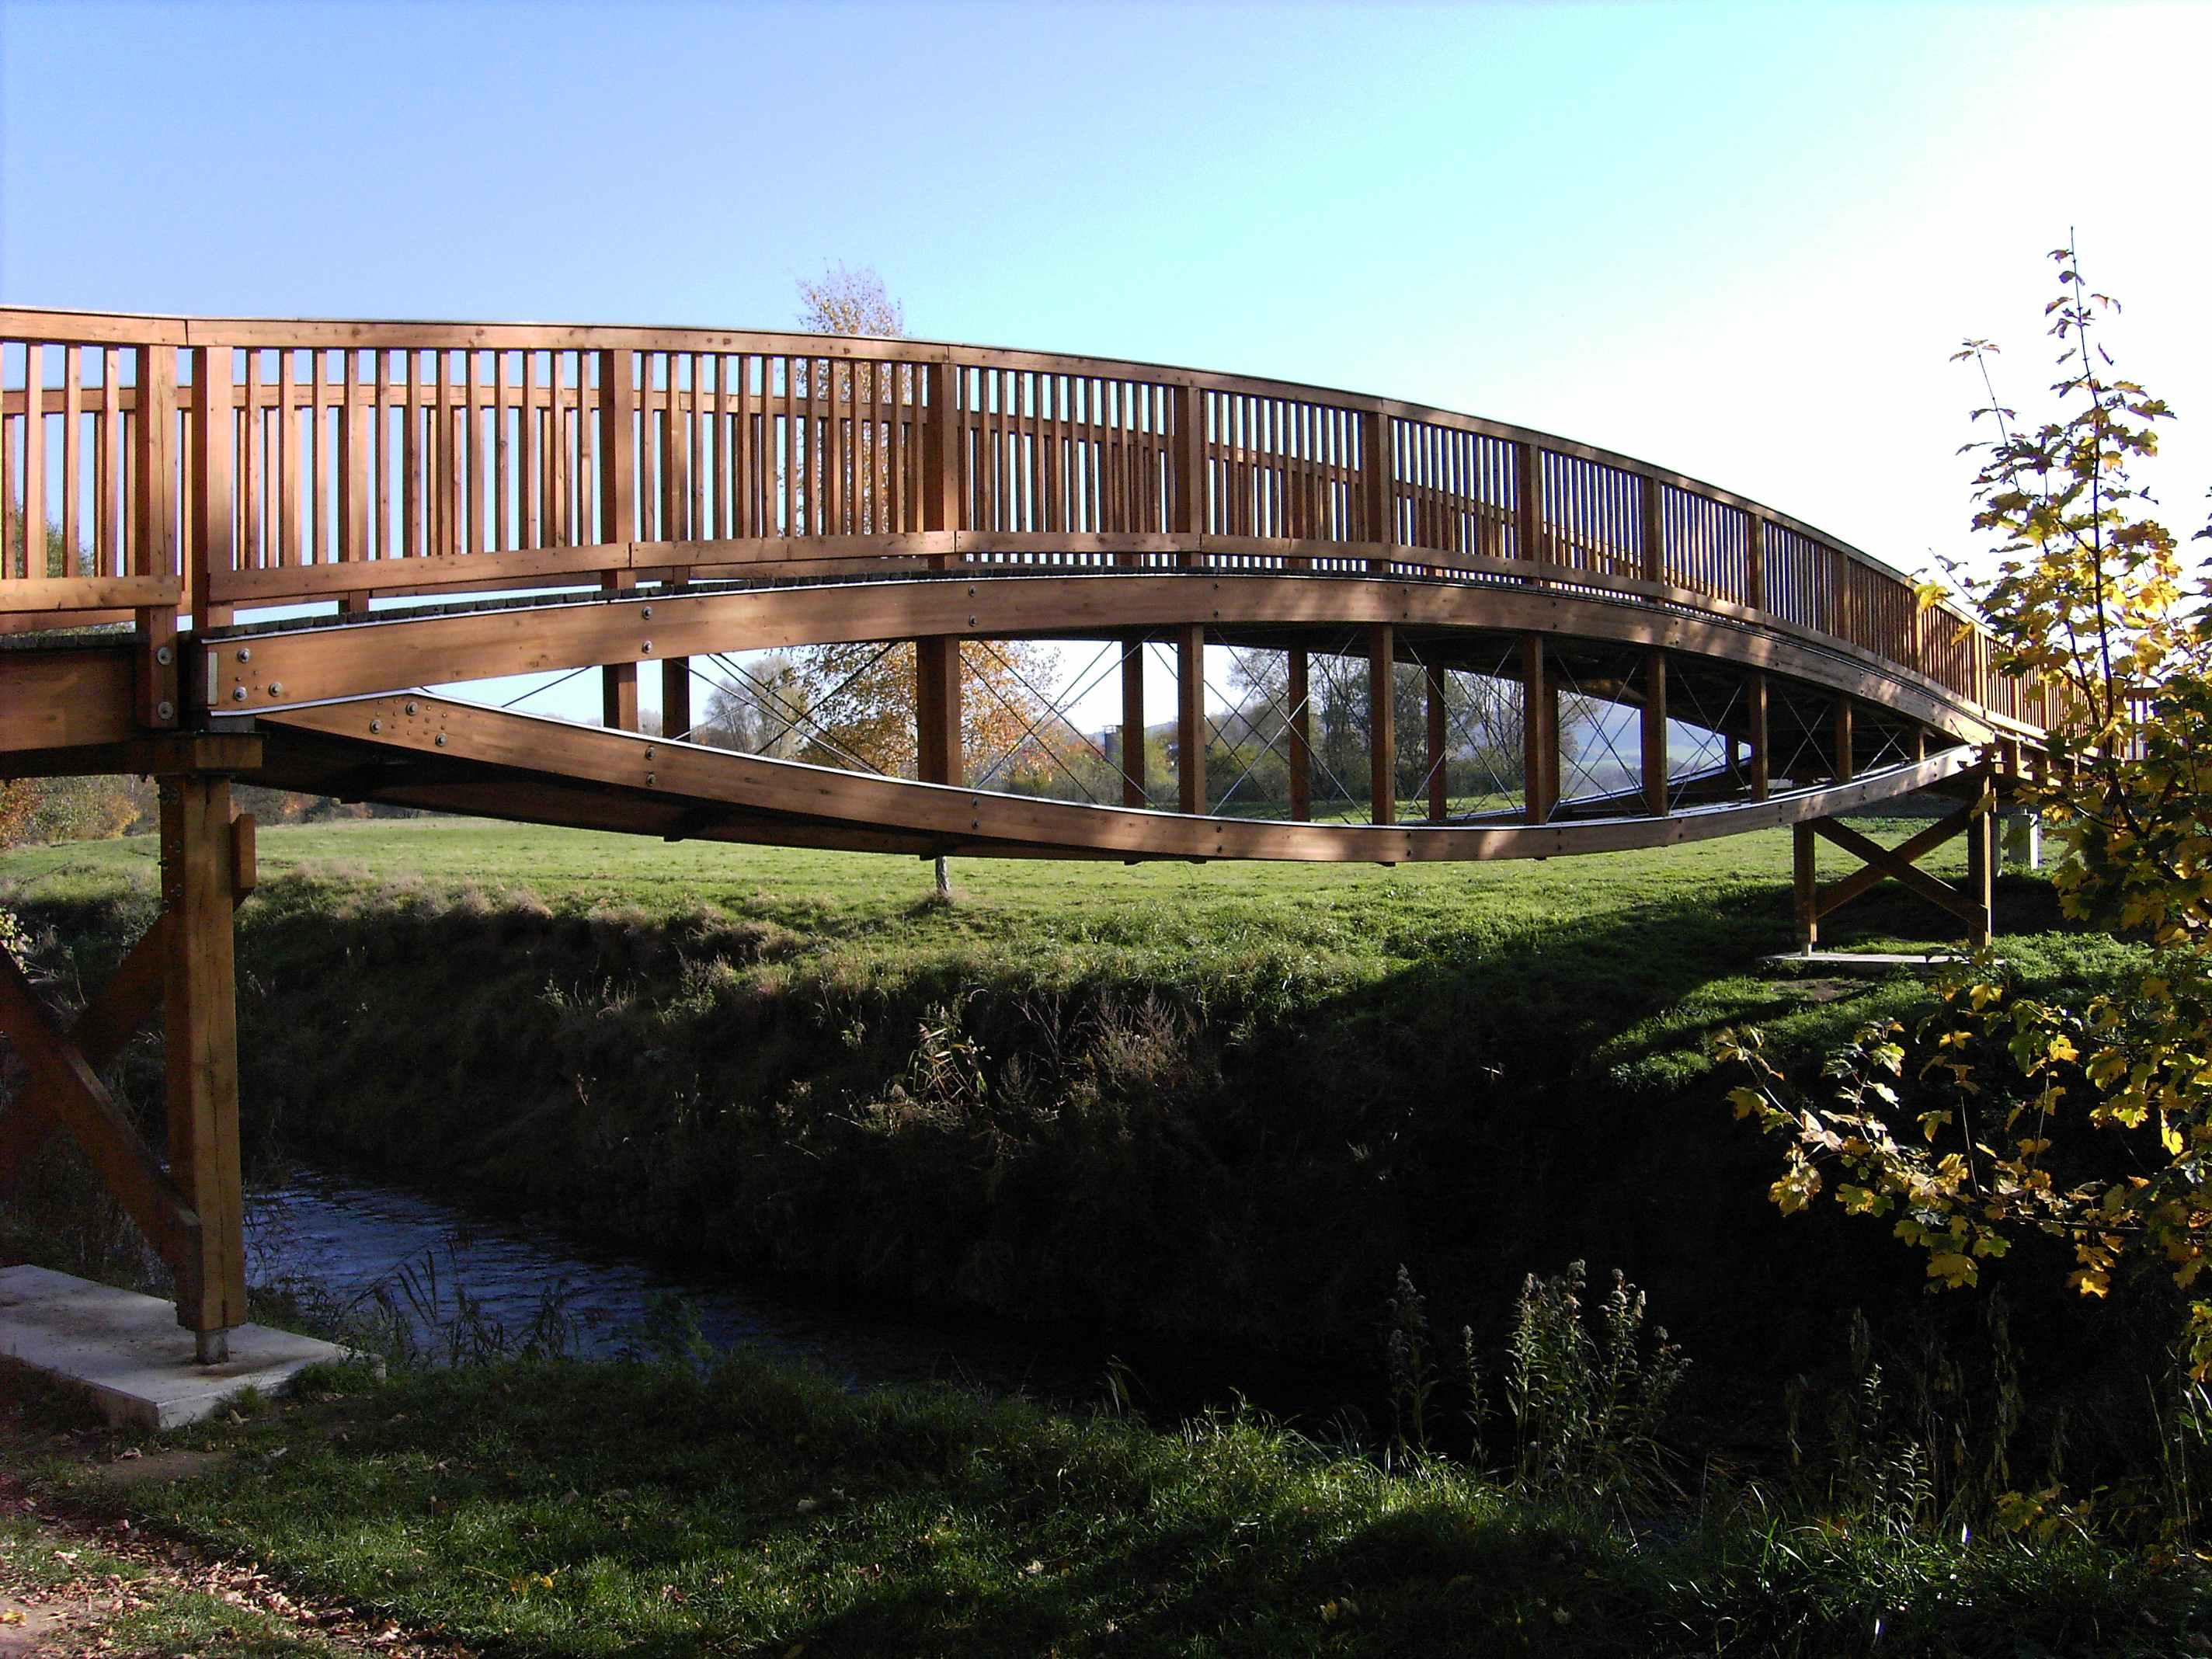 Comment Fabriquer Un Petit Pont En Bois histoire des ponts en bois — wikipédia